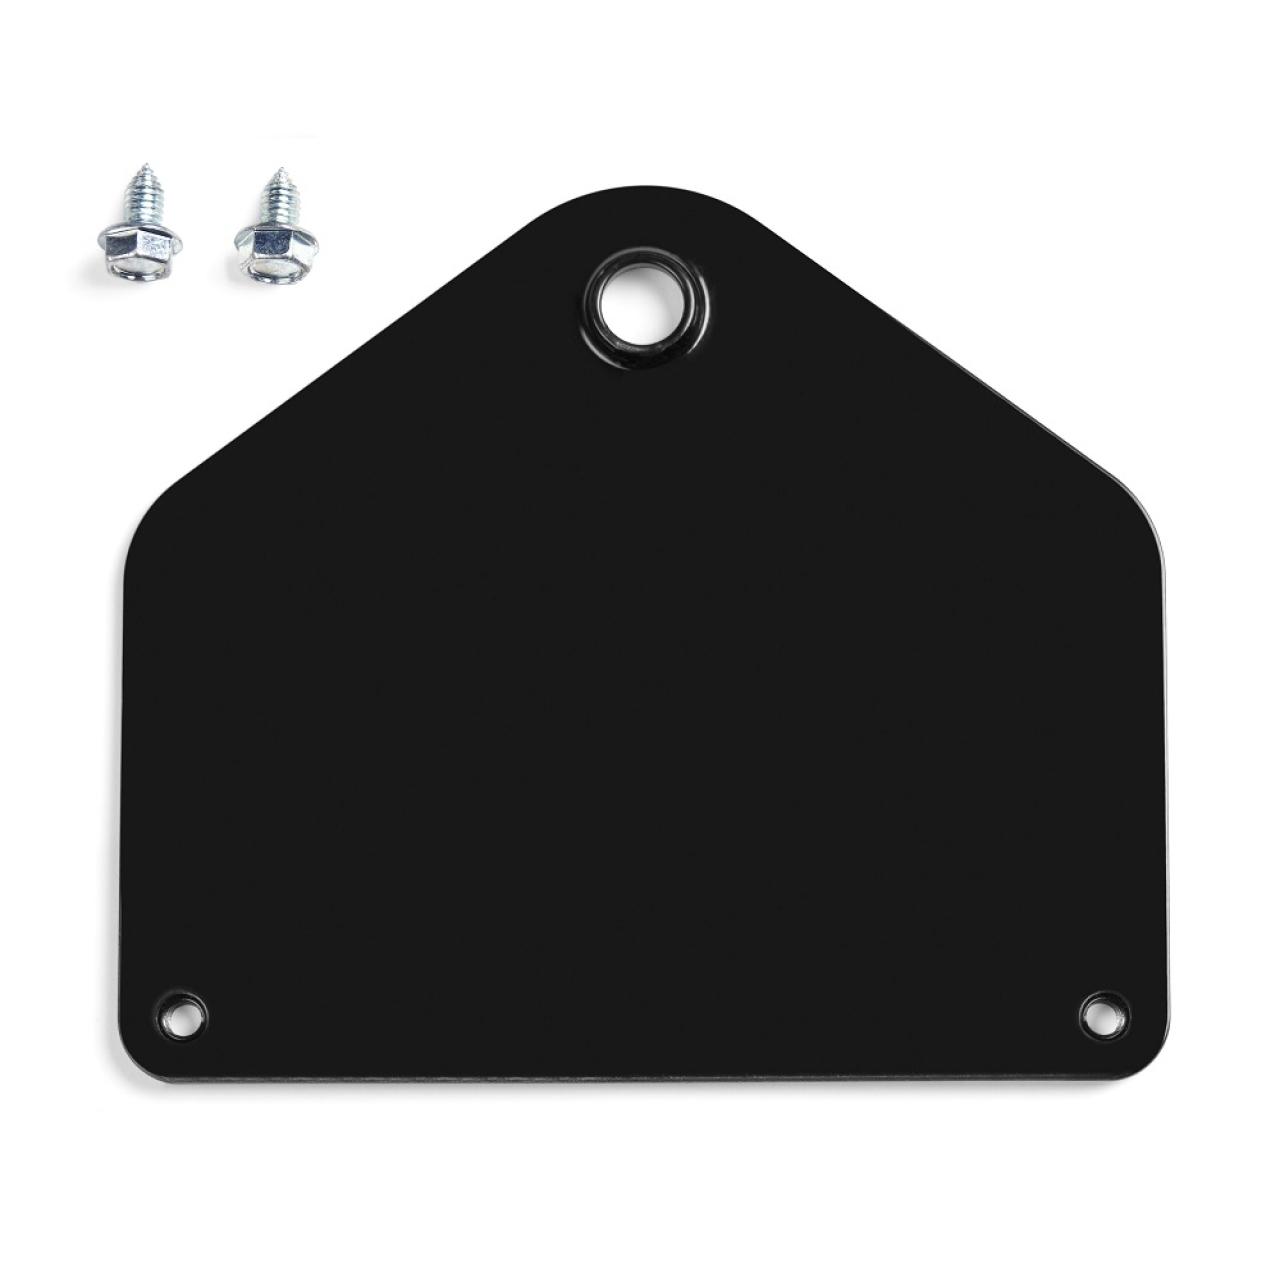 Anhängerkupplung-Kit für LR-Serie mit Heckauswurf